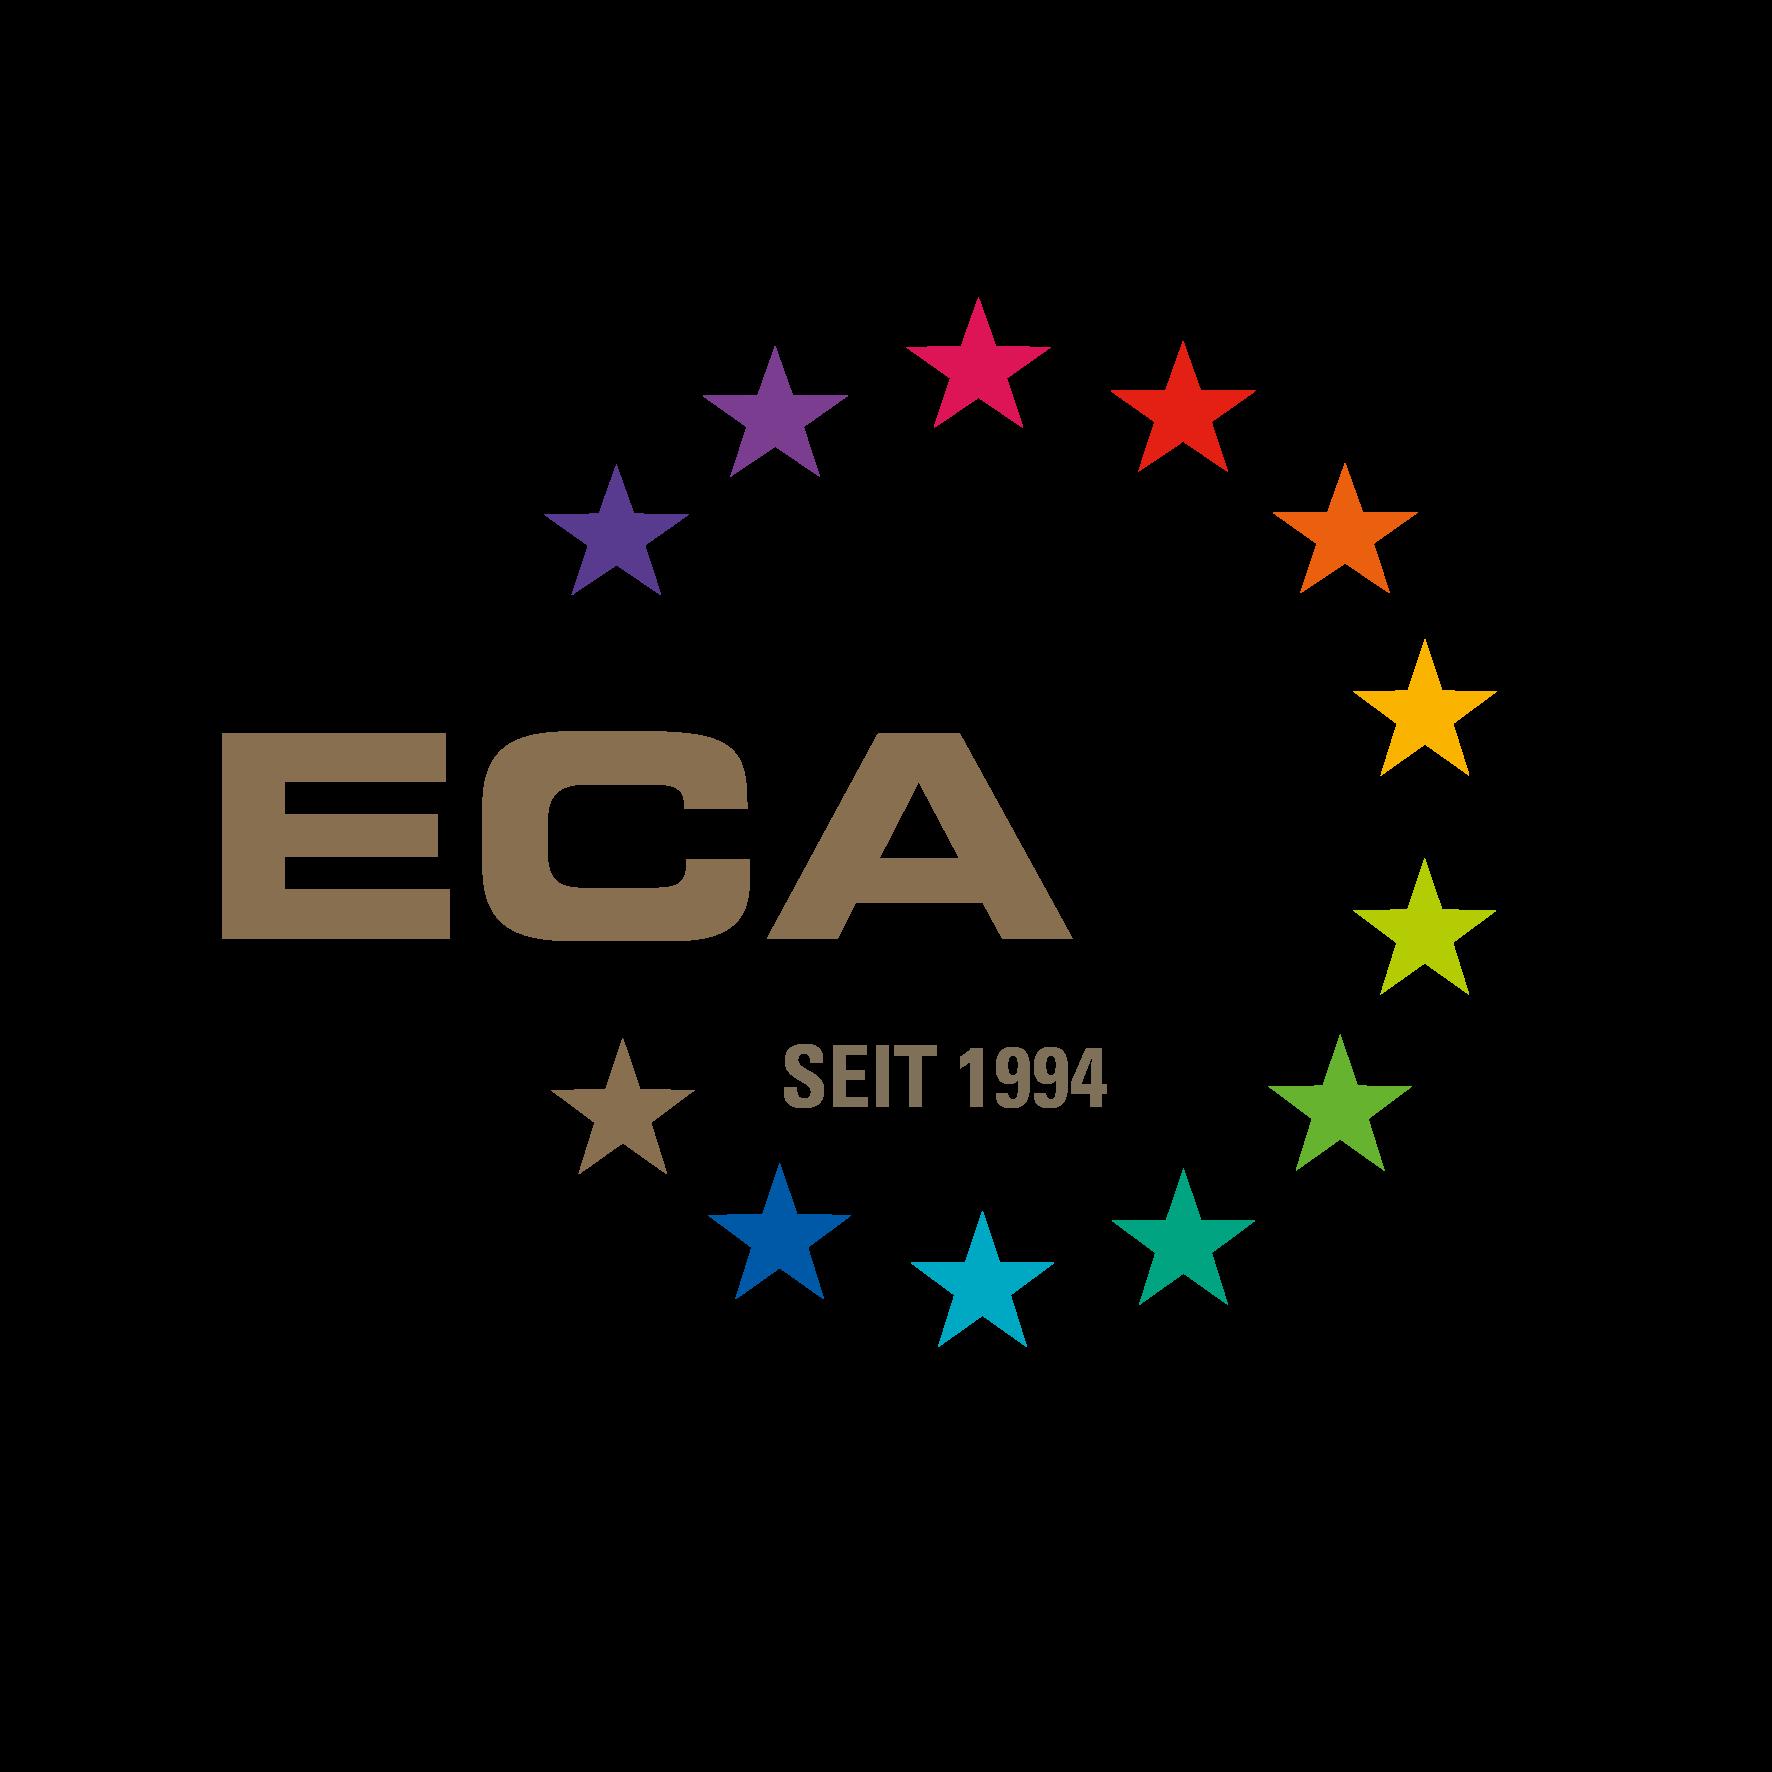 ECA_1994_4c